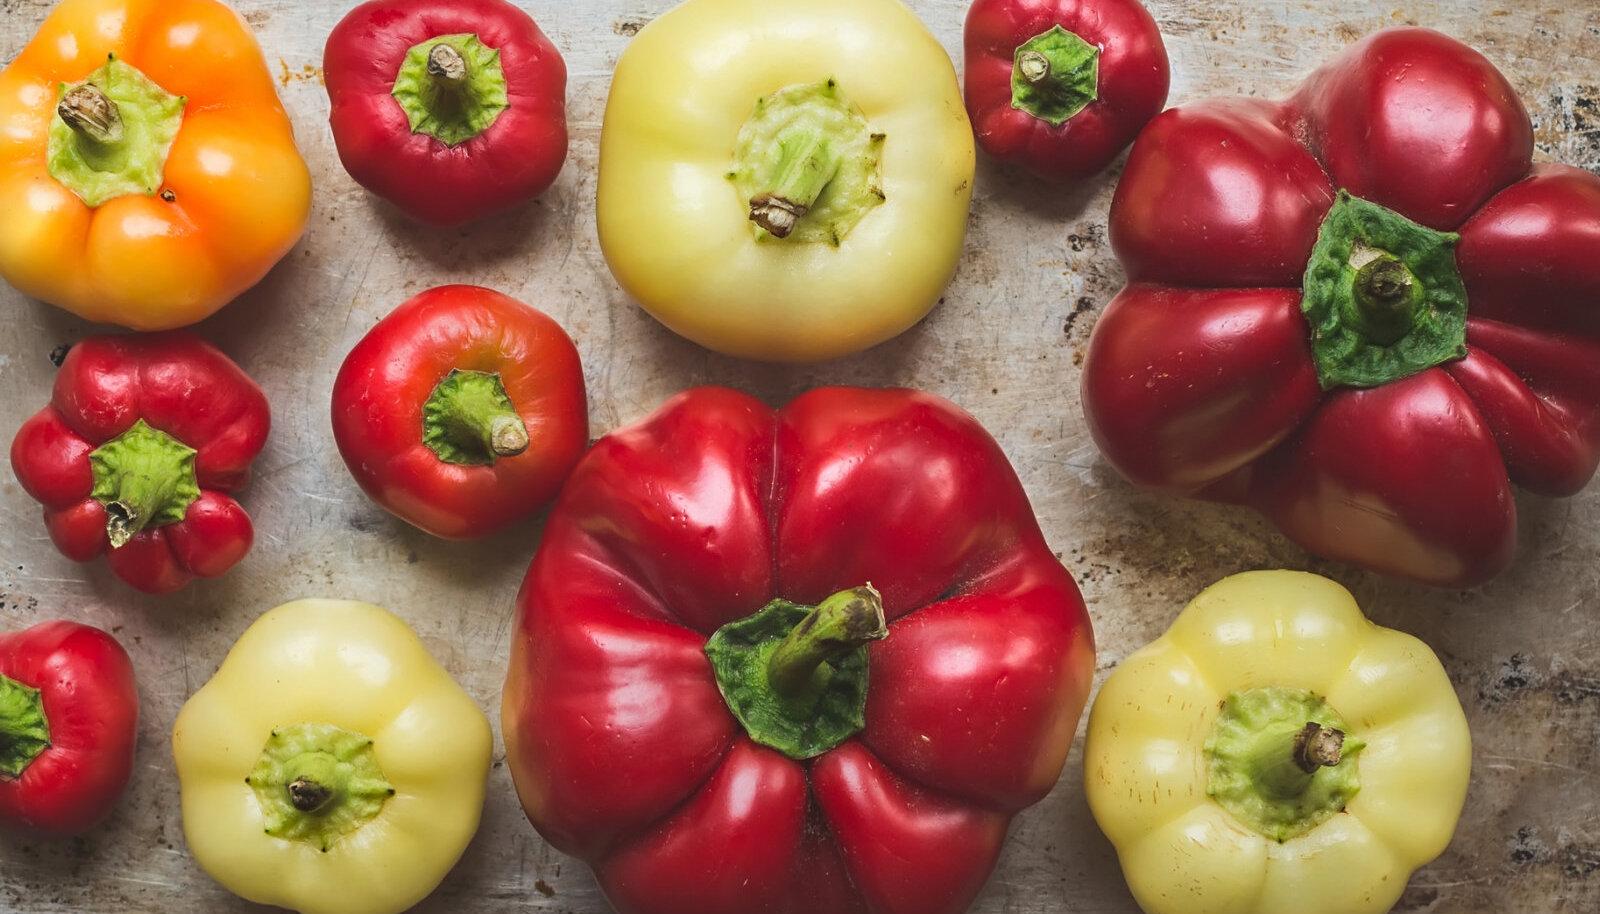 Punane paprika ületab C-vitamiini sisalduselt nii apelsini kui ka sidruni